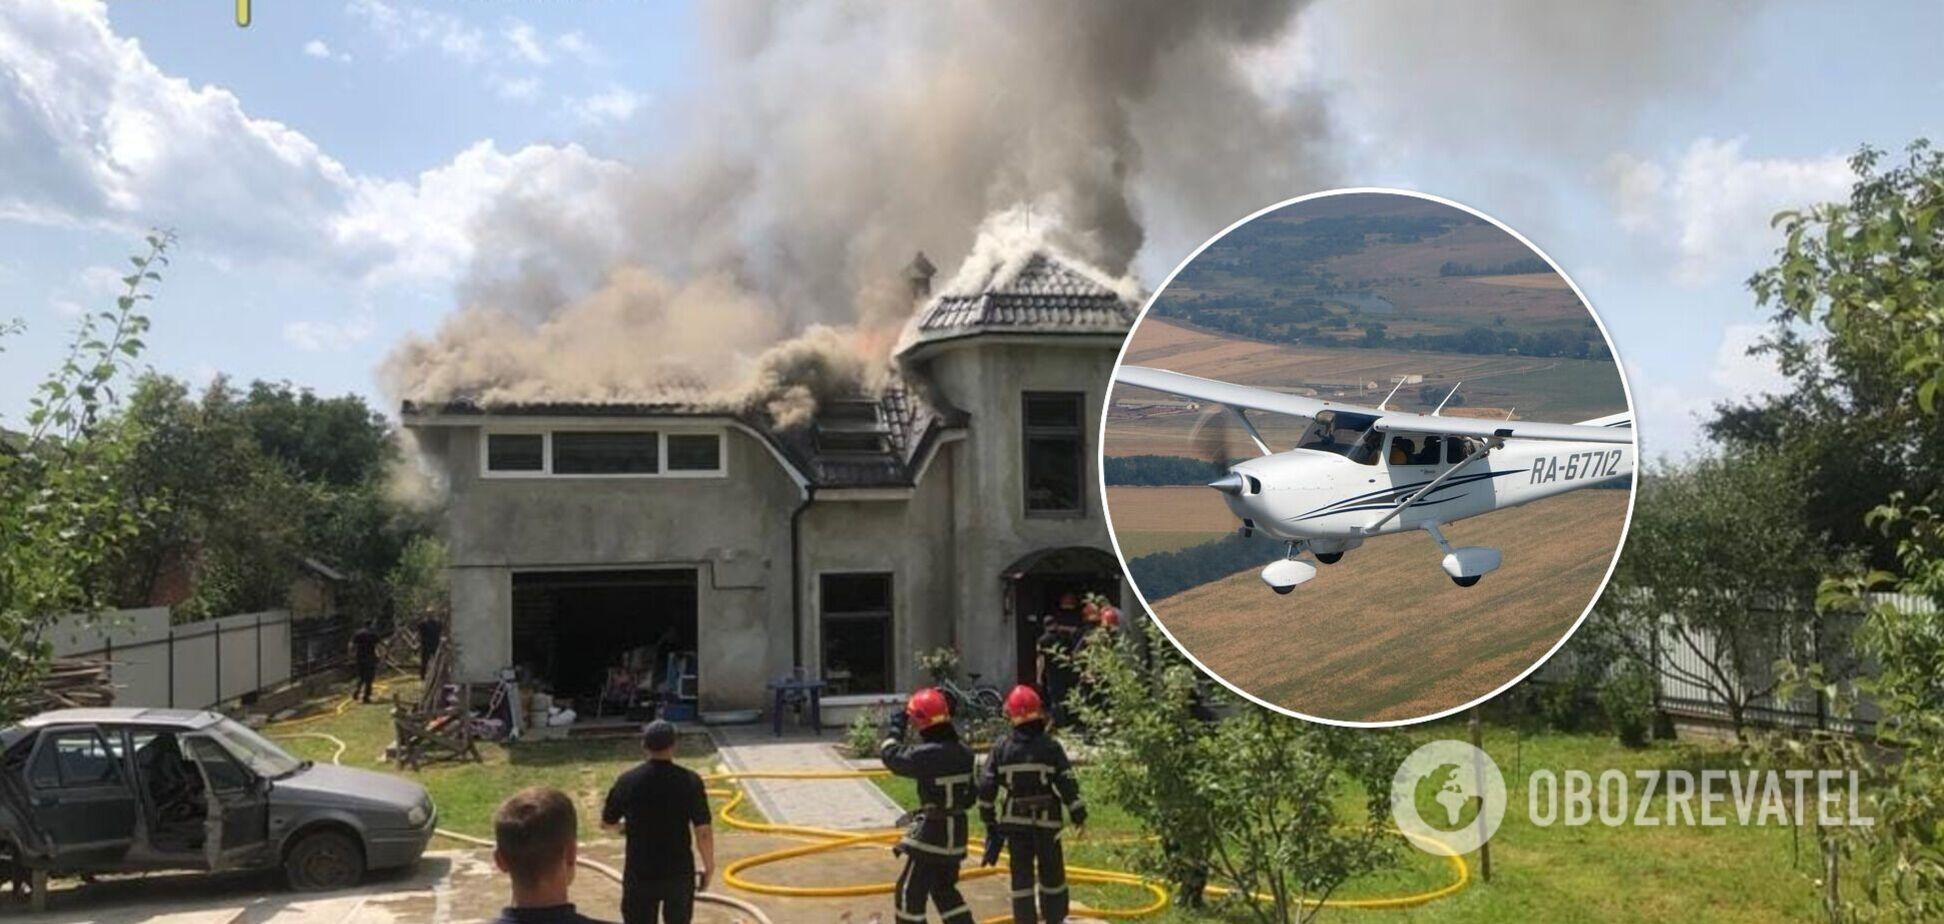 На Прикарпатье упал легкомоторный самолет, погибли 4 человека. Фото